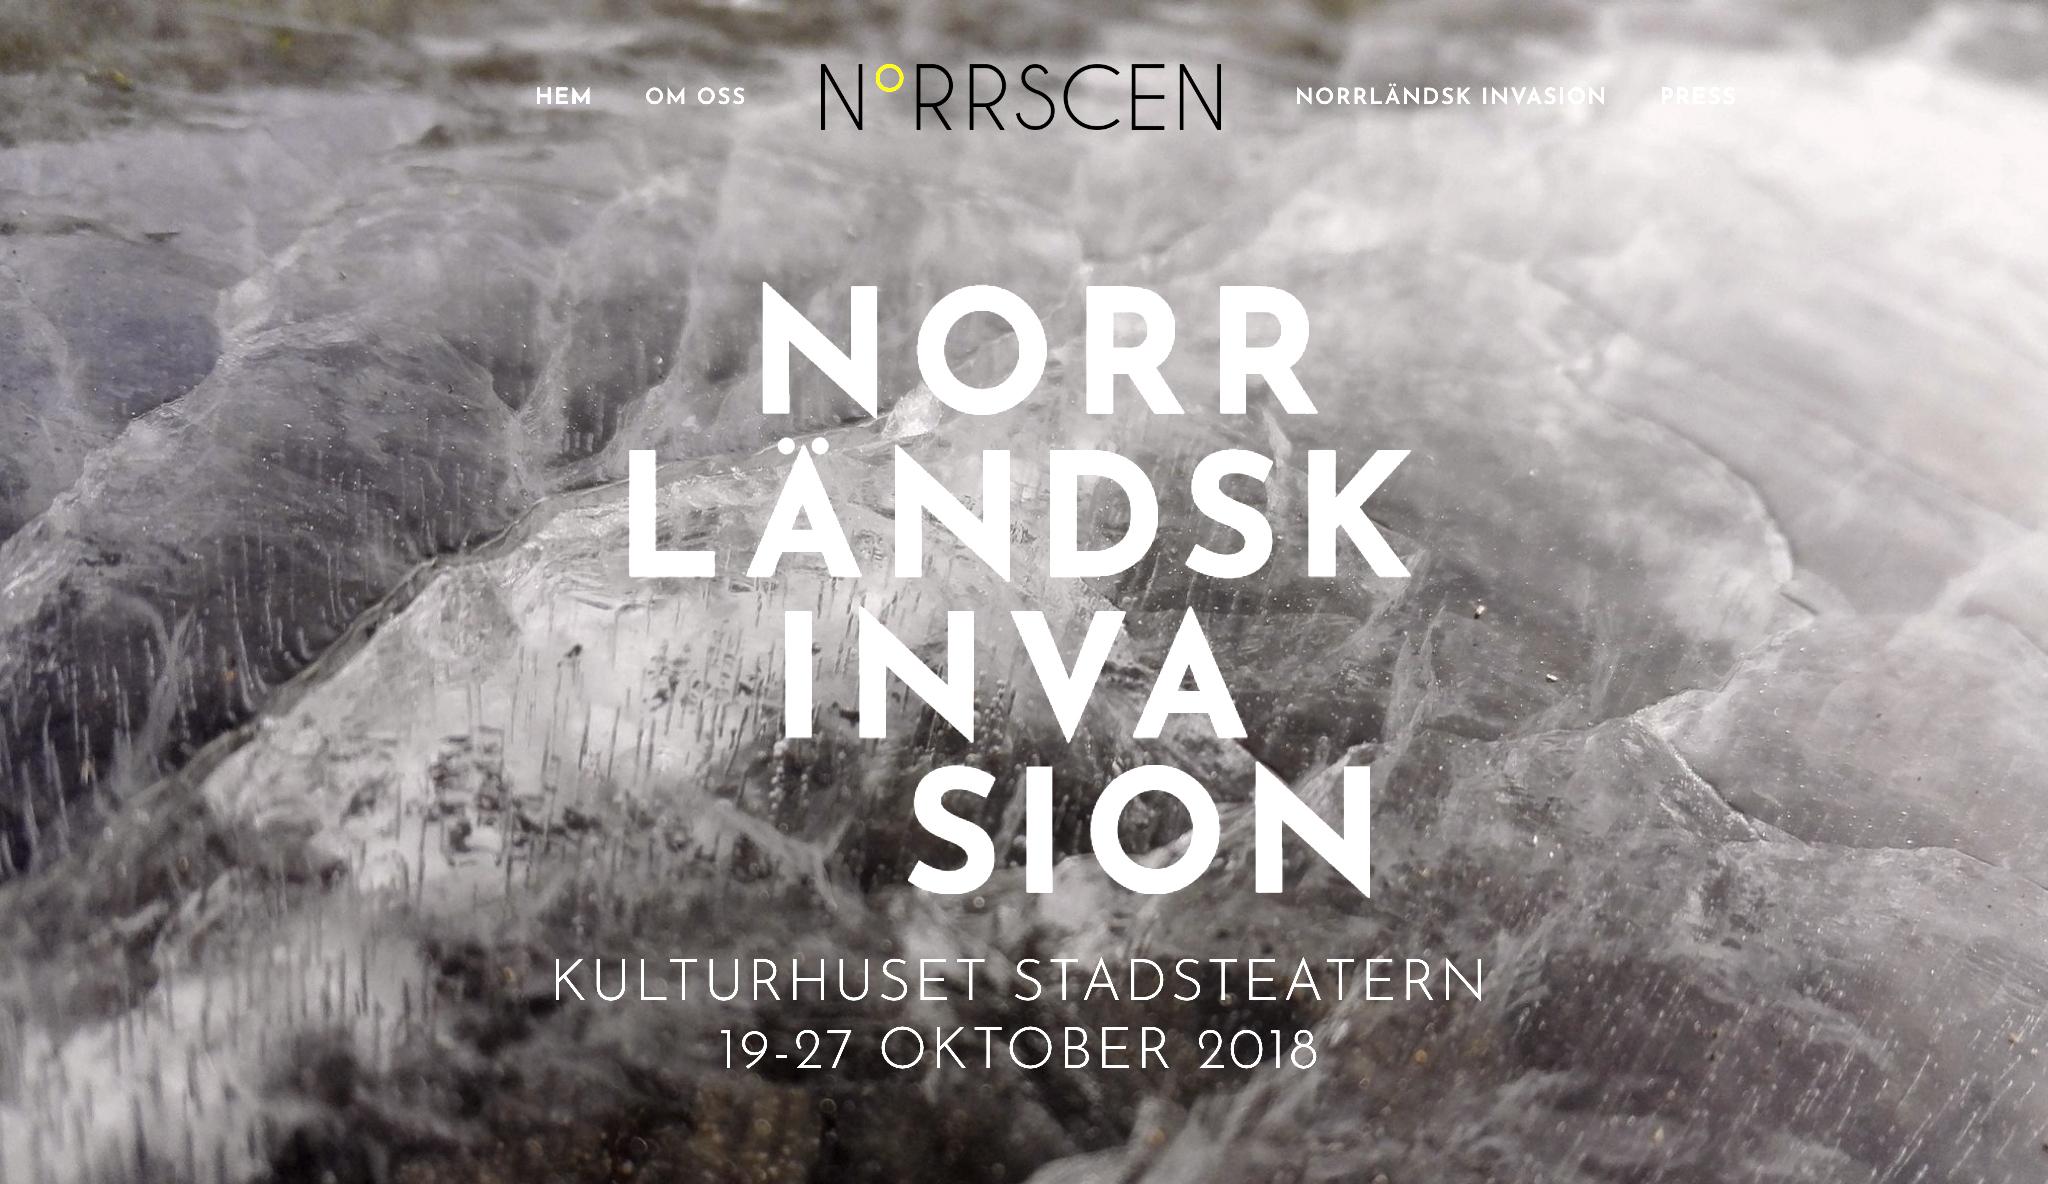 www.norrscen.com